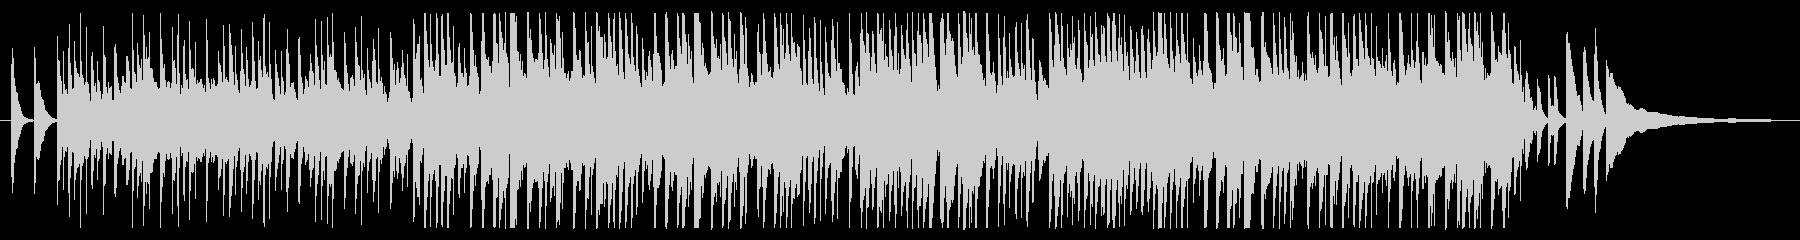 にしししし!マリンバで歌う笑顔のイメージの未再生の波形